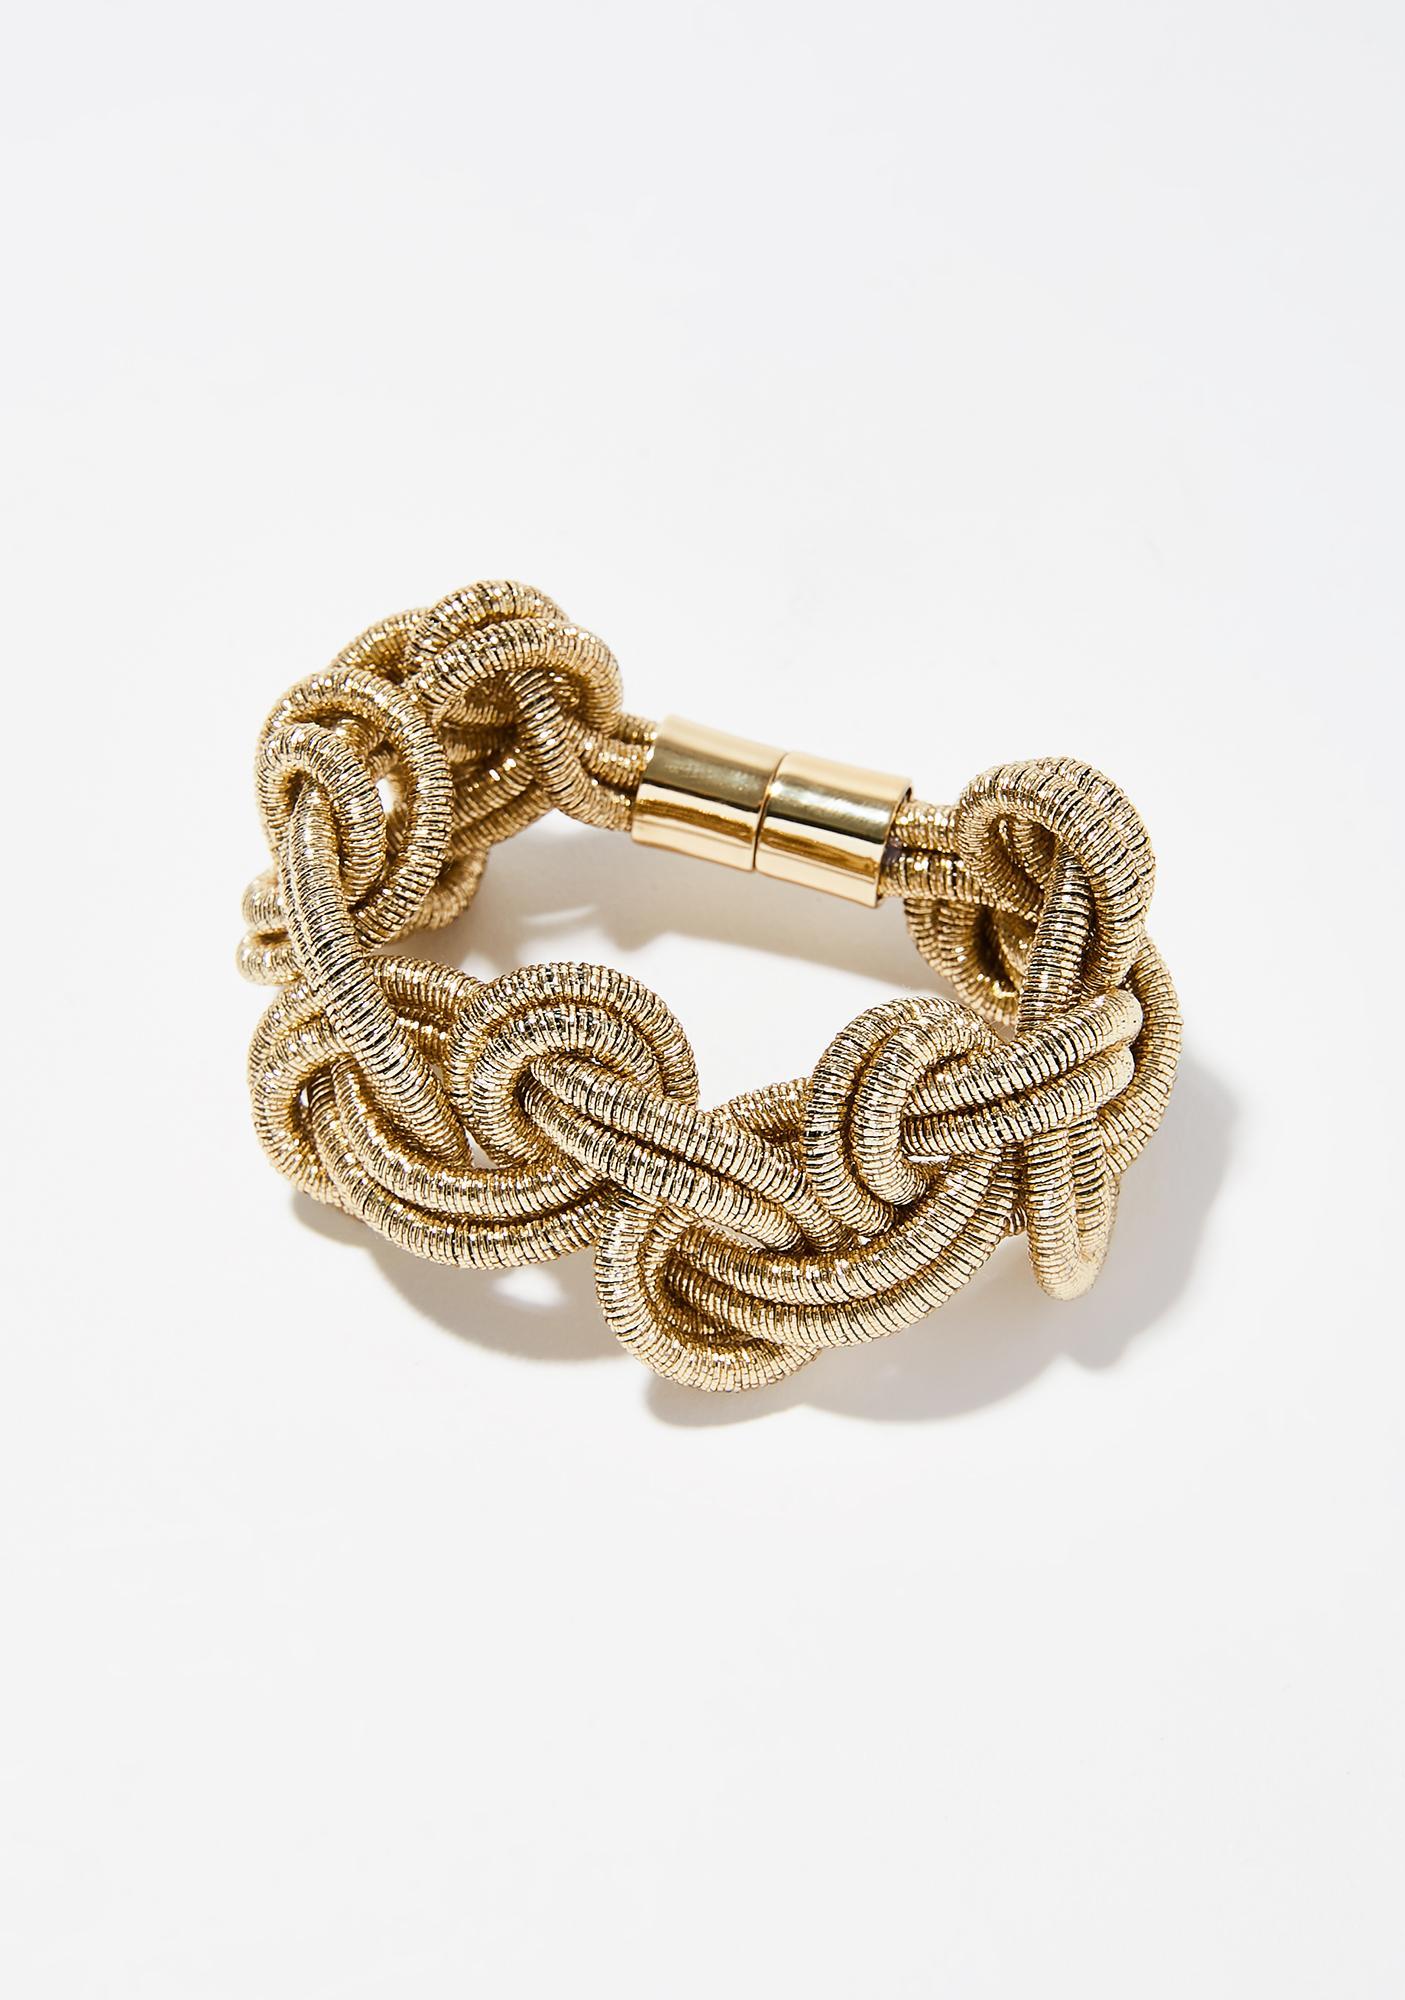 Linked Together Bracelet